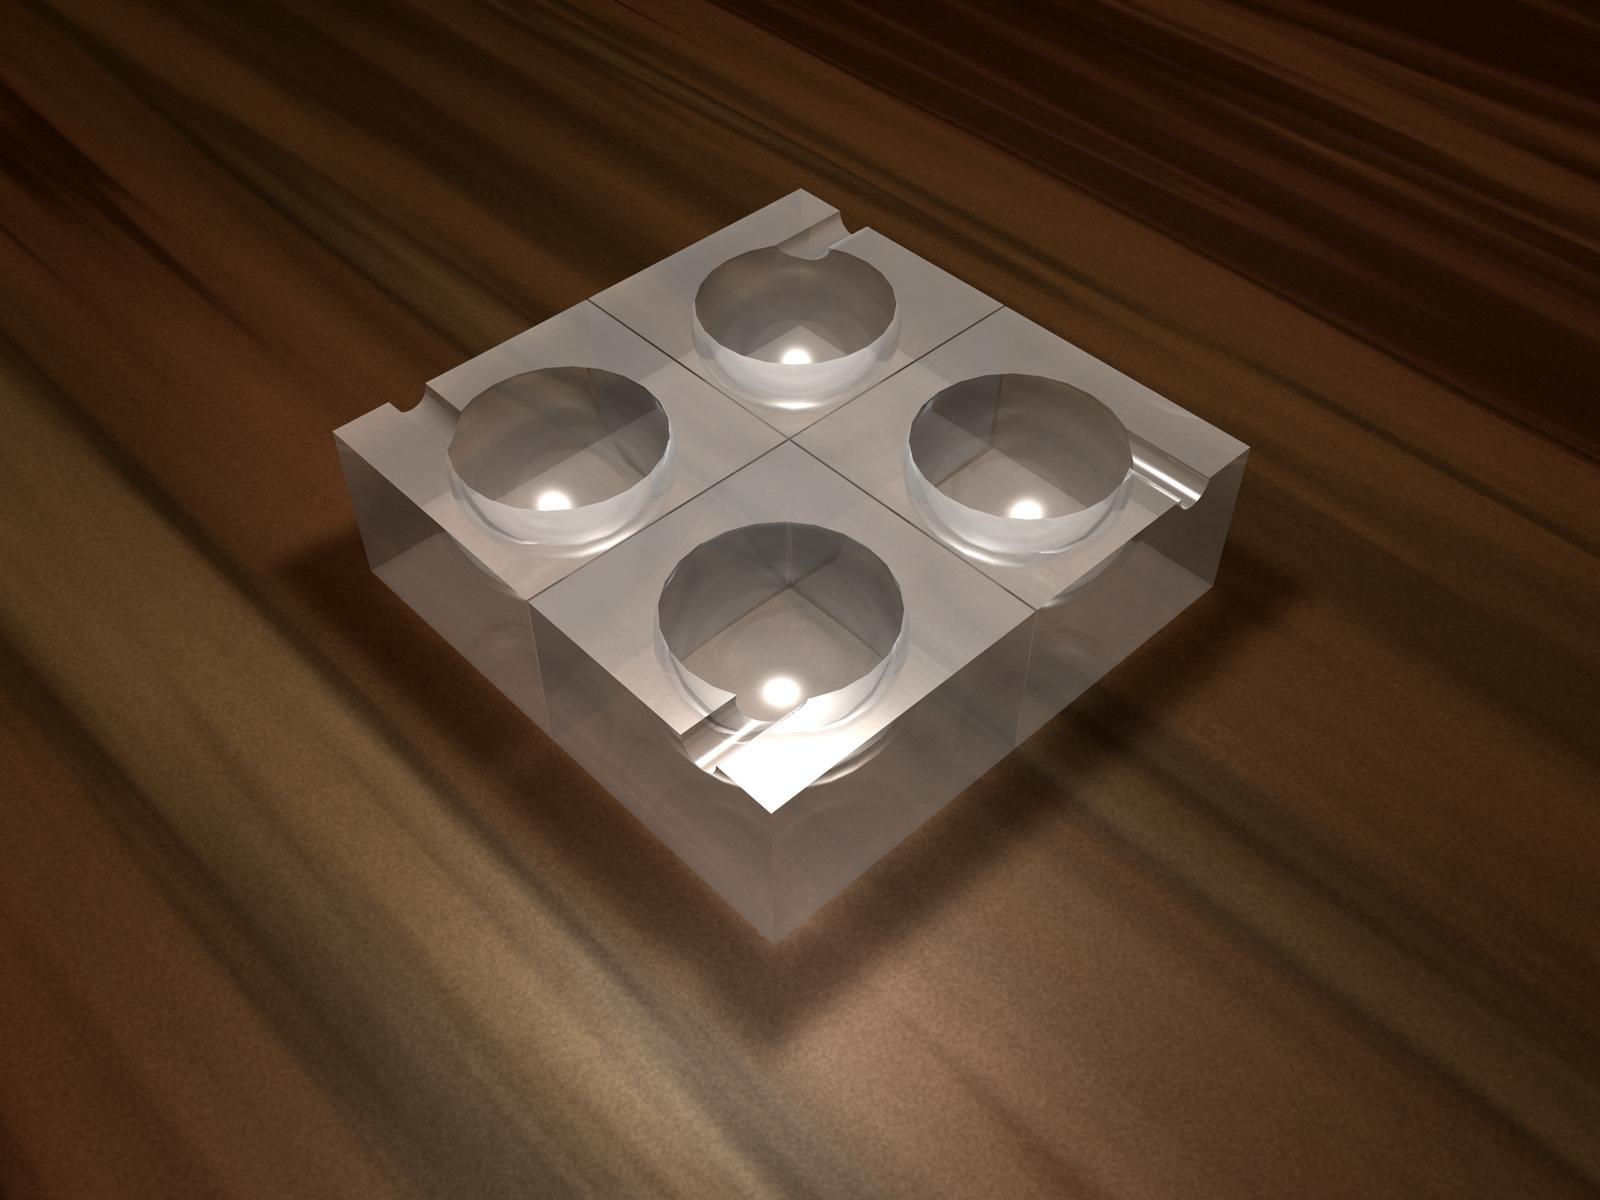 Дизайн пепельницы для сигар (не сигарет) фото f_131583d3c7202061.jpg